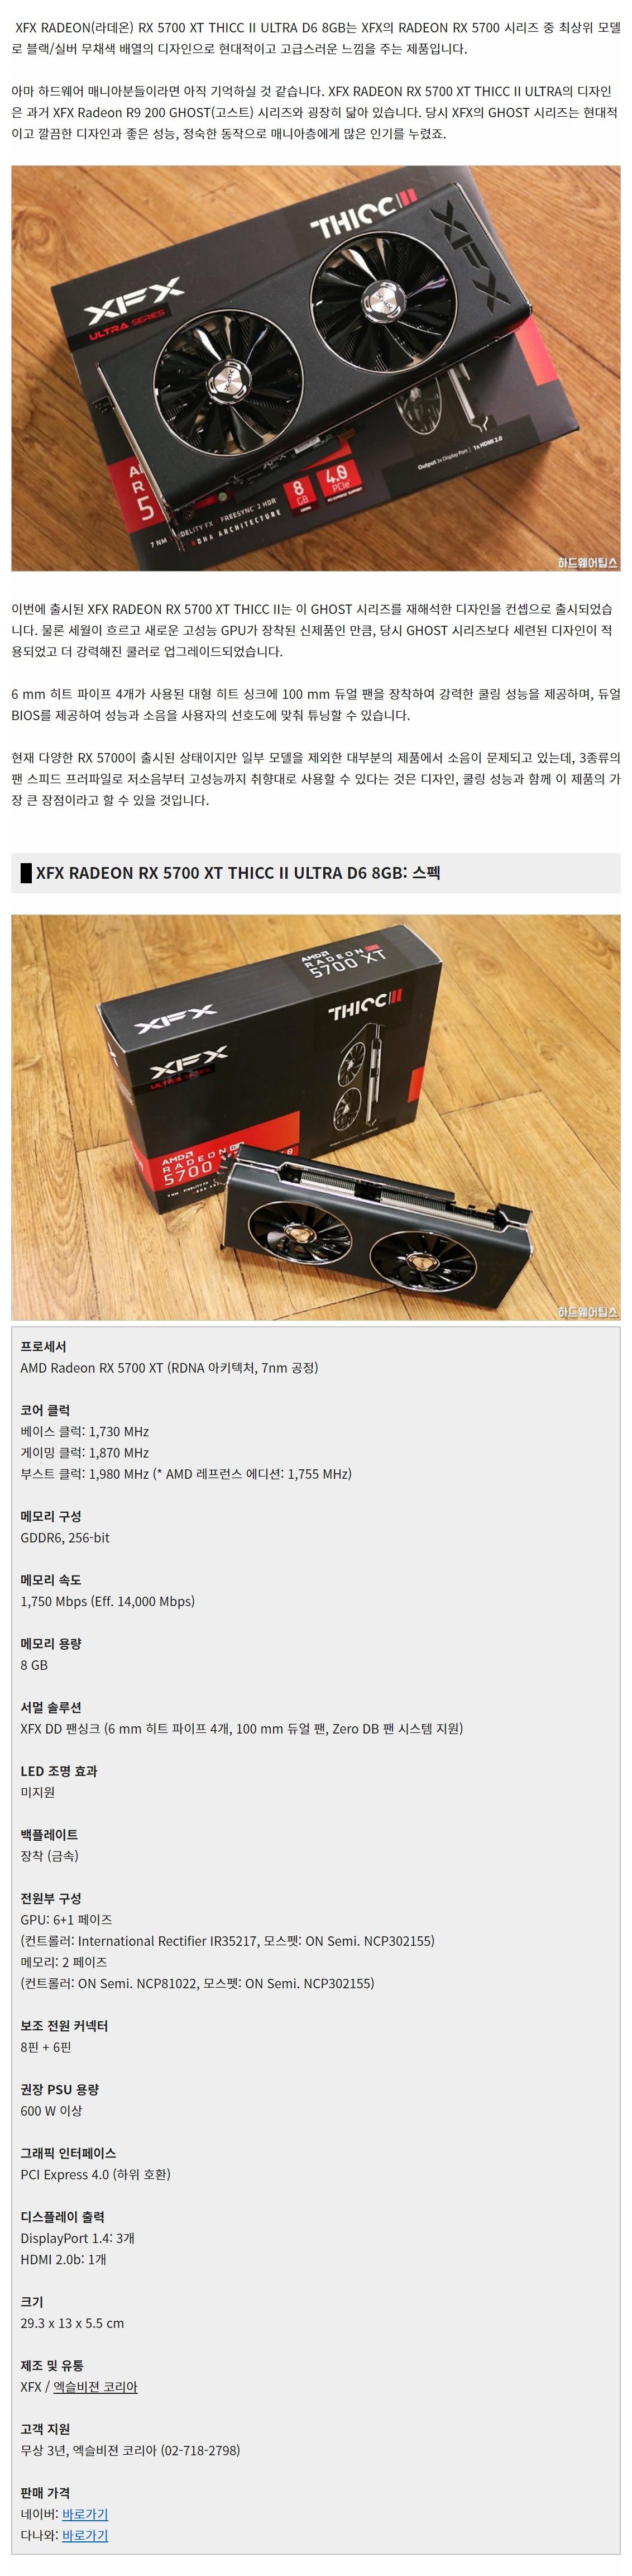 XFX 라데온 RX 5700 XT THICC II ULTRA D6 8GB - 002.jpg